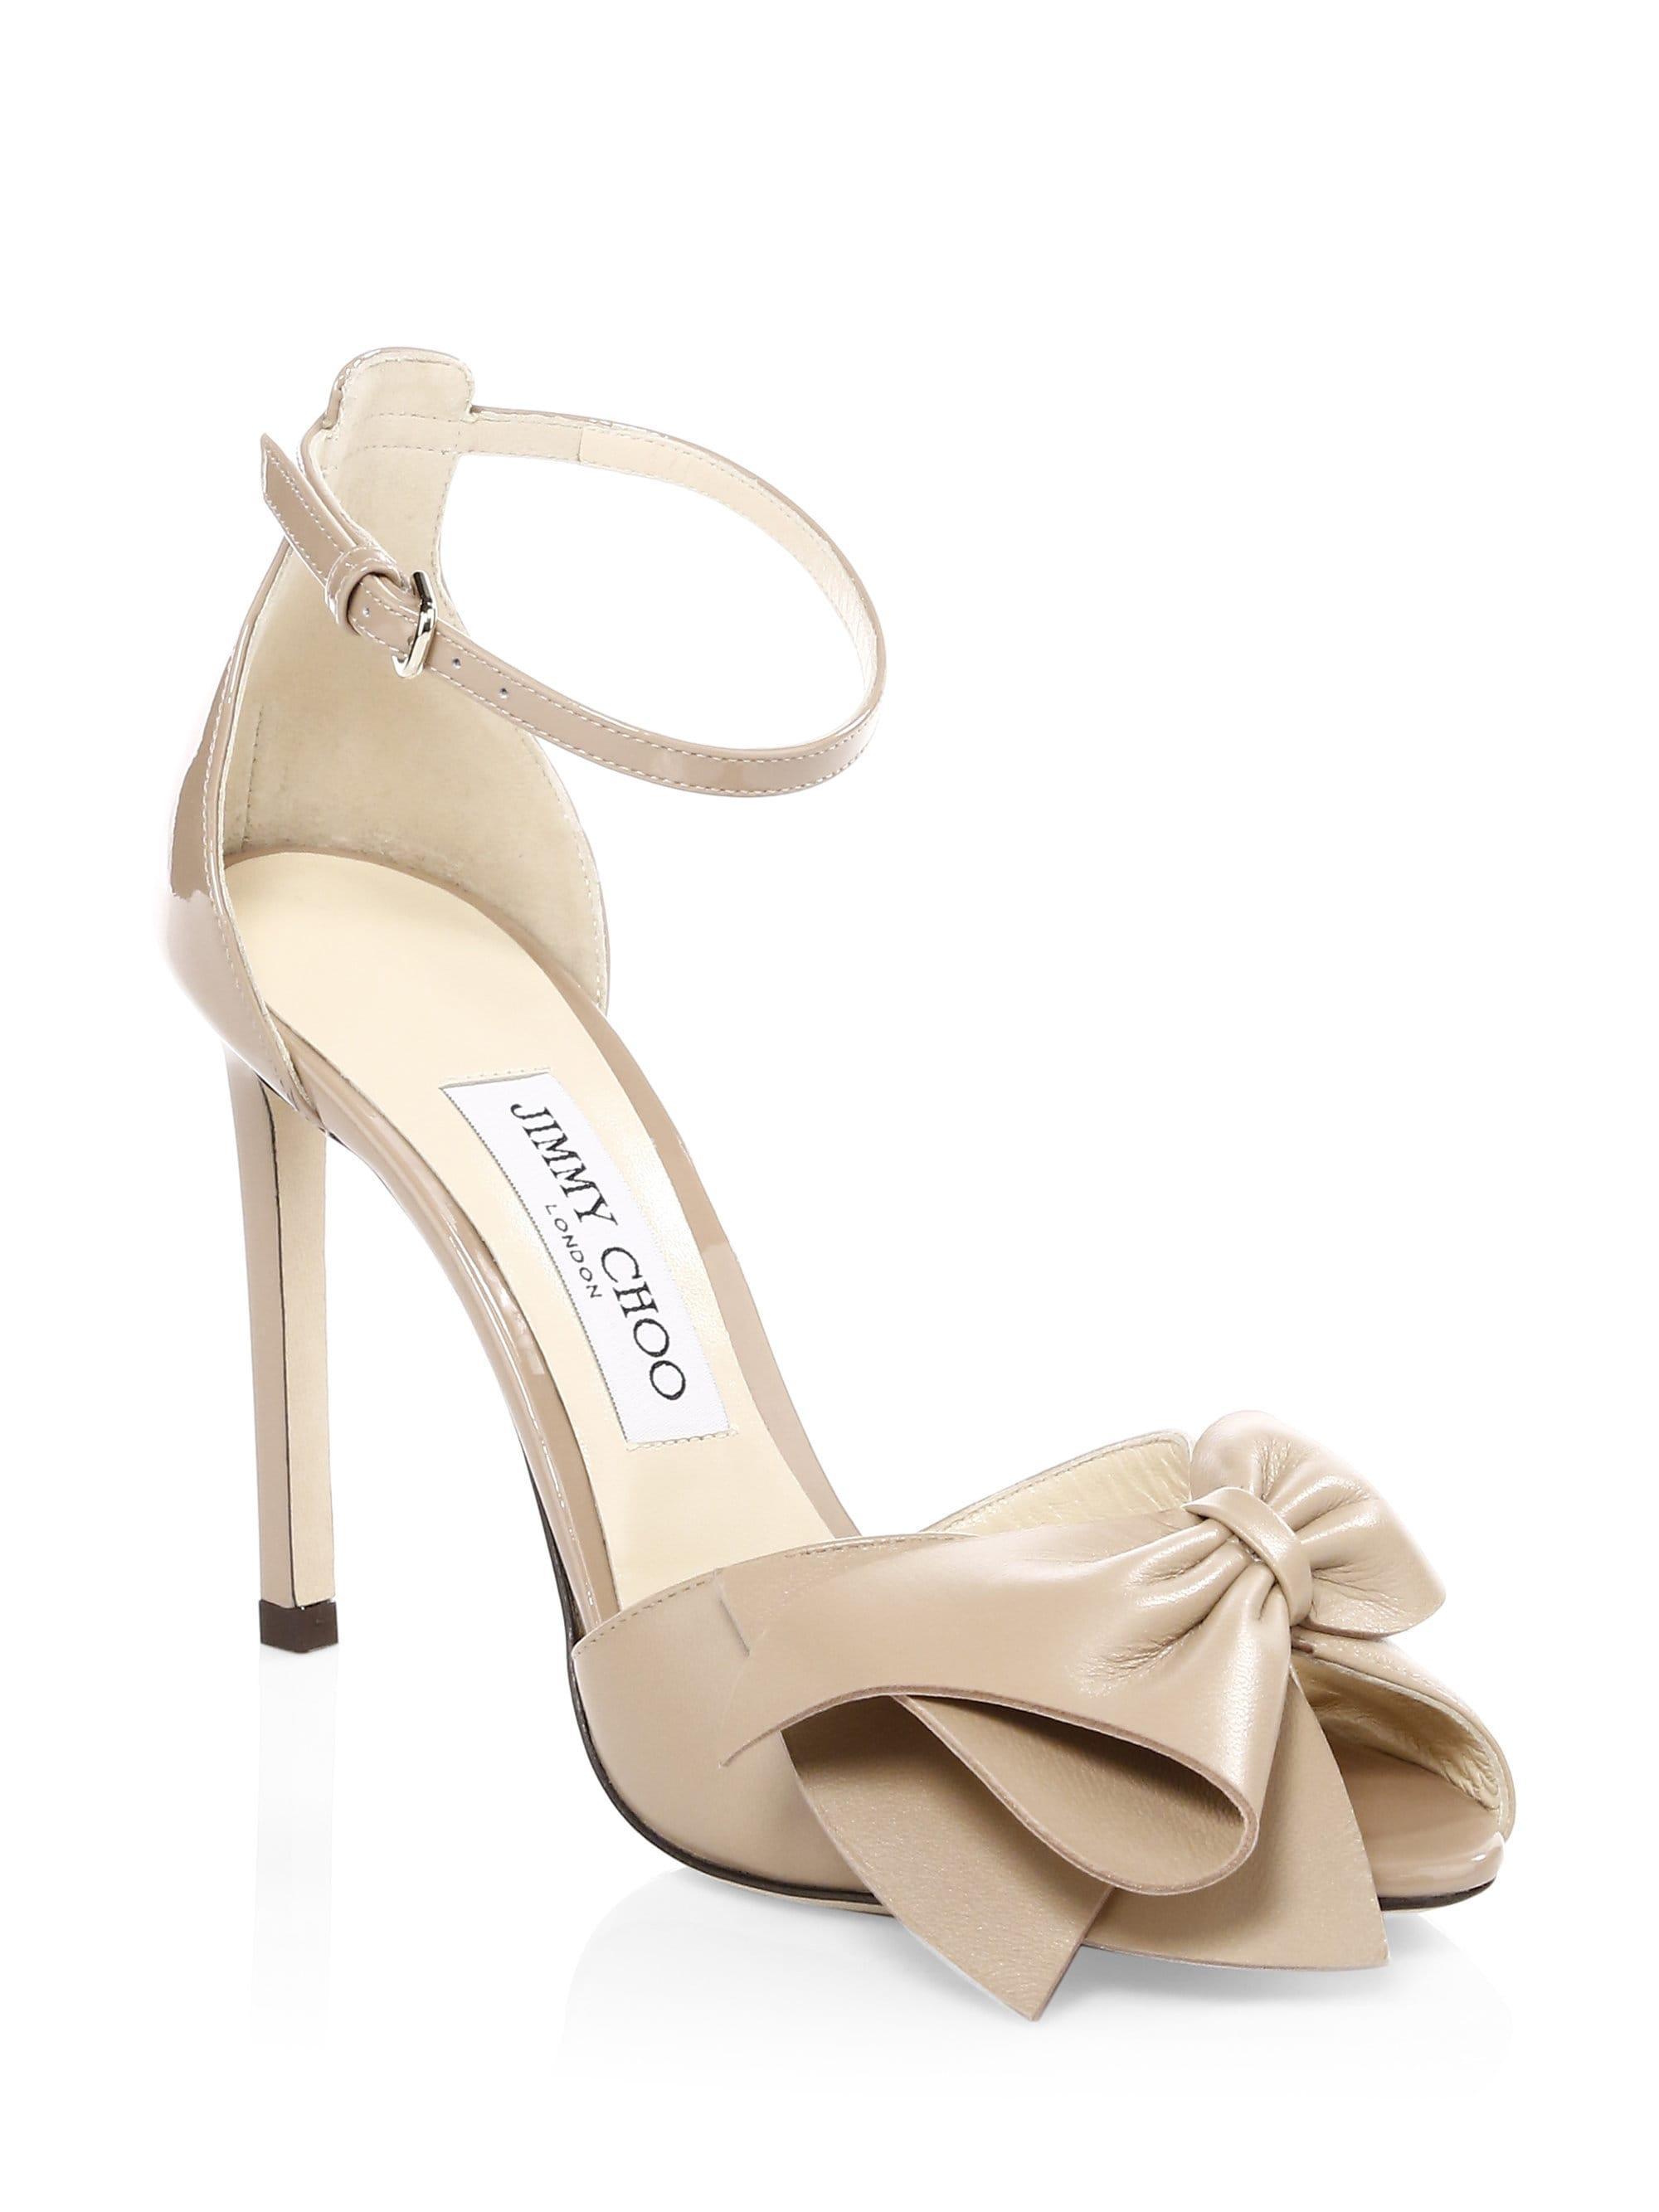 314709e0c05 Lyst - Jimmy Choo Women s Karlotta Peep Toe Heels - Black - Size 37 (7)